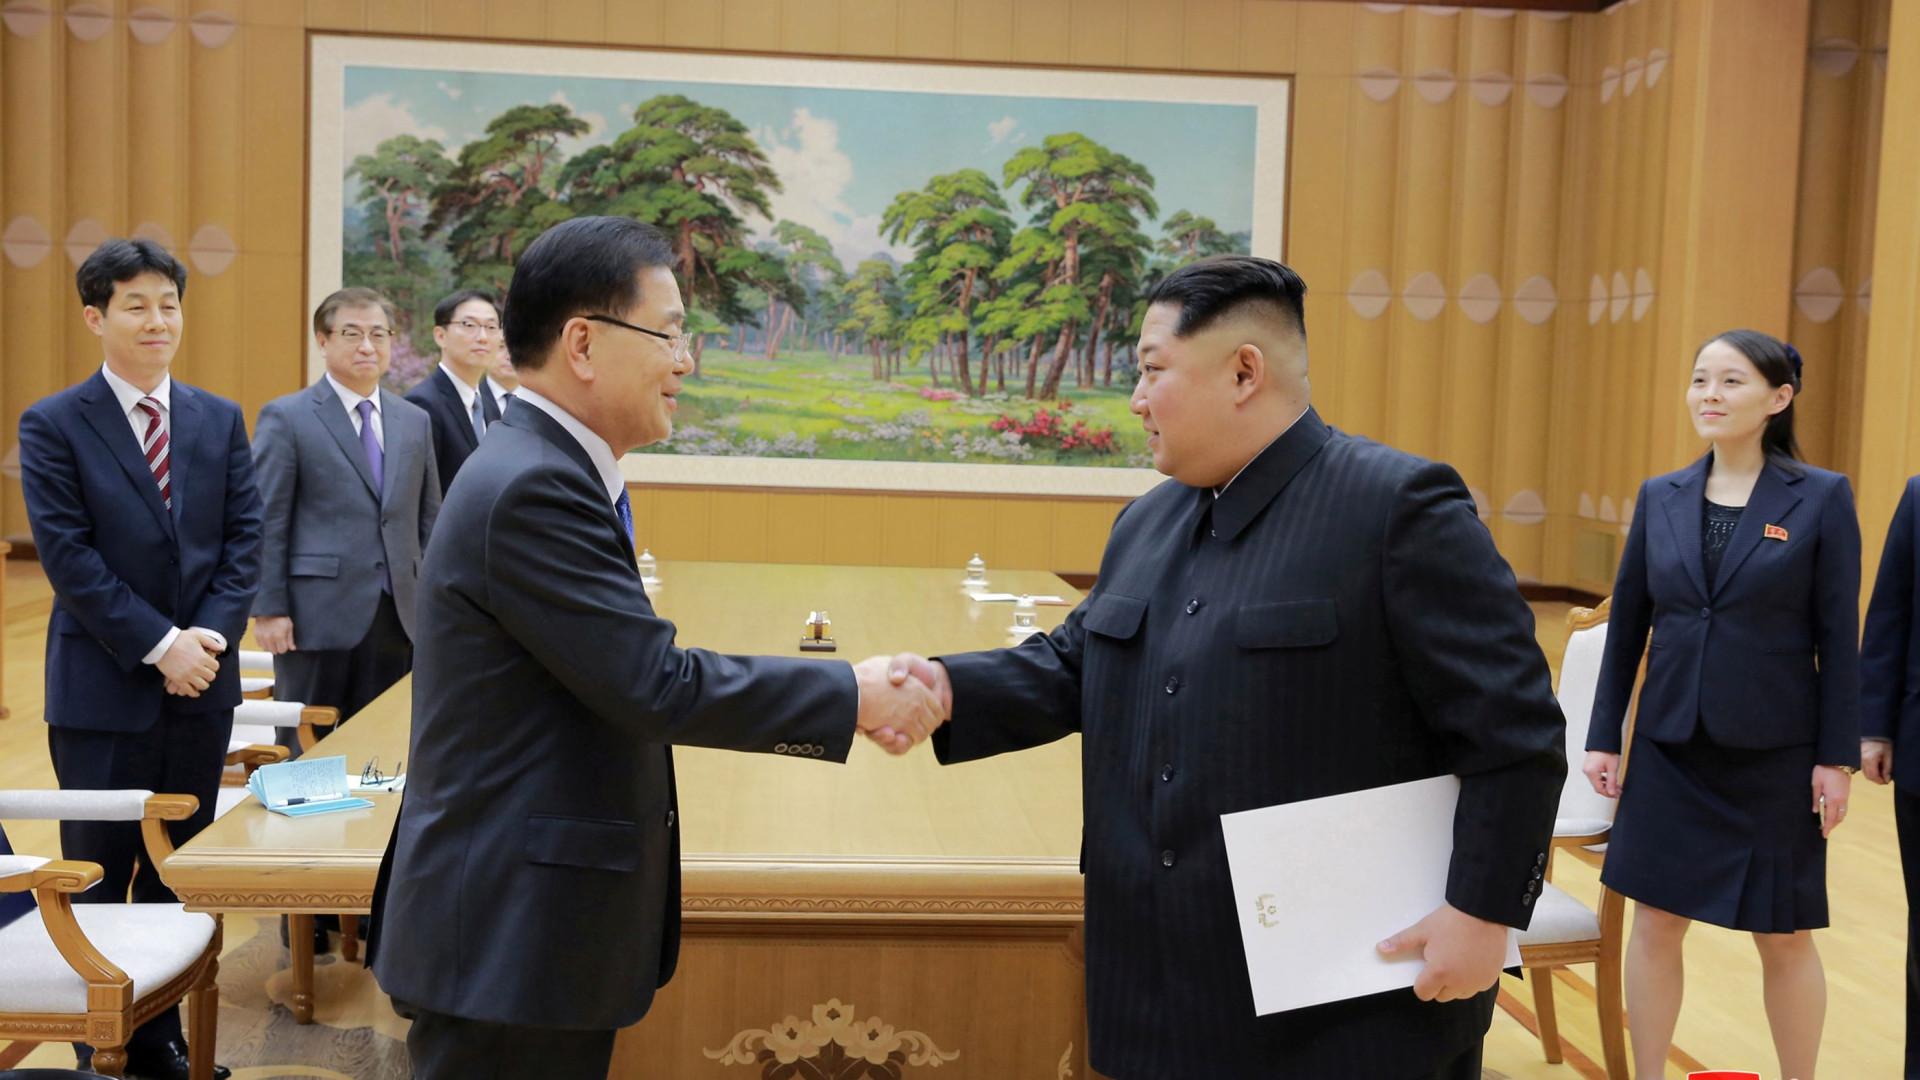 Coreias criam 'telefone vermelho' entre os dois líderes